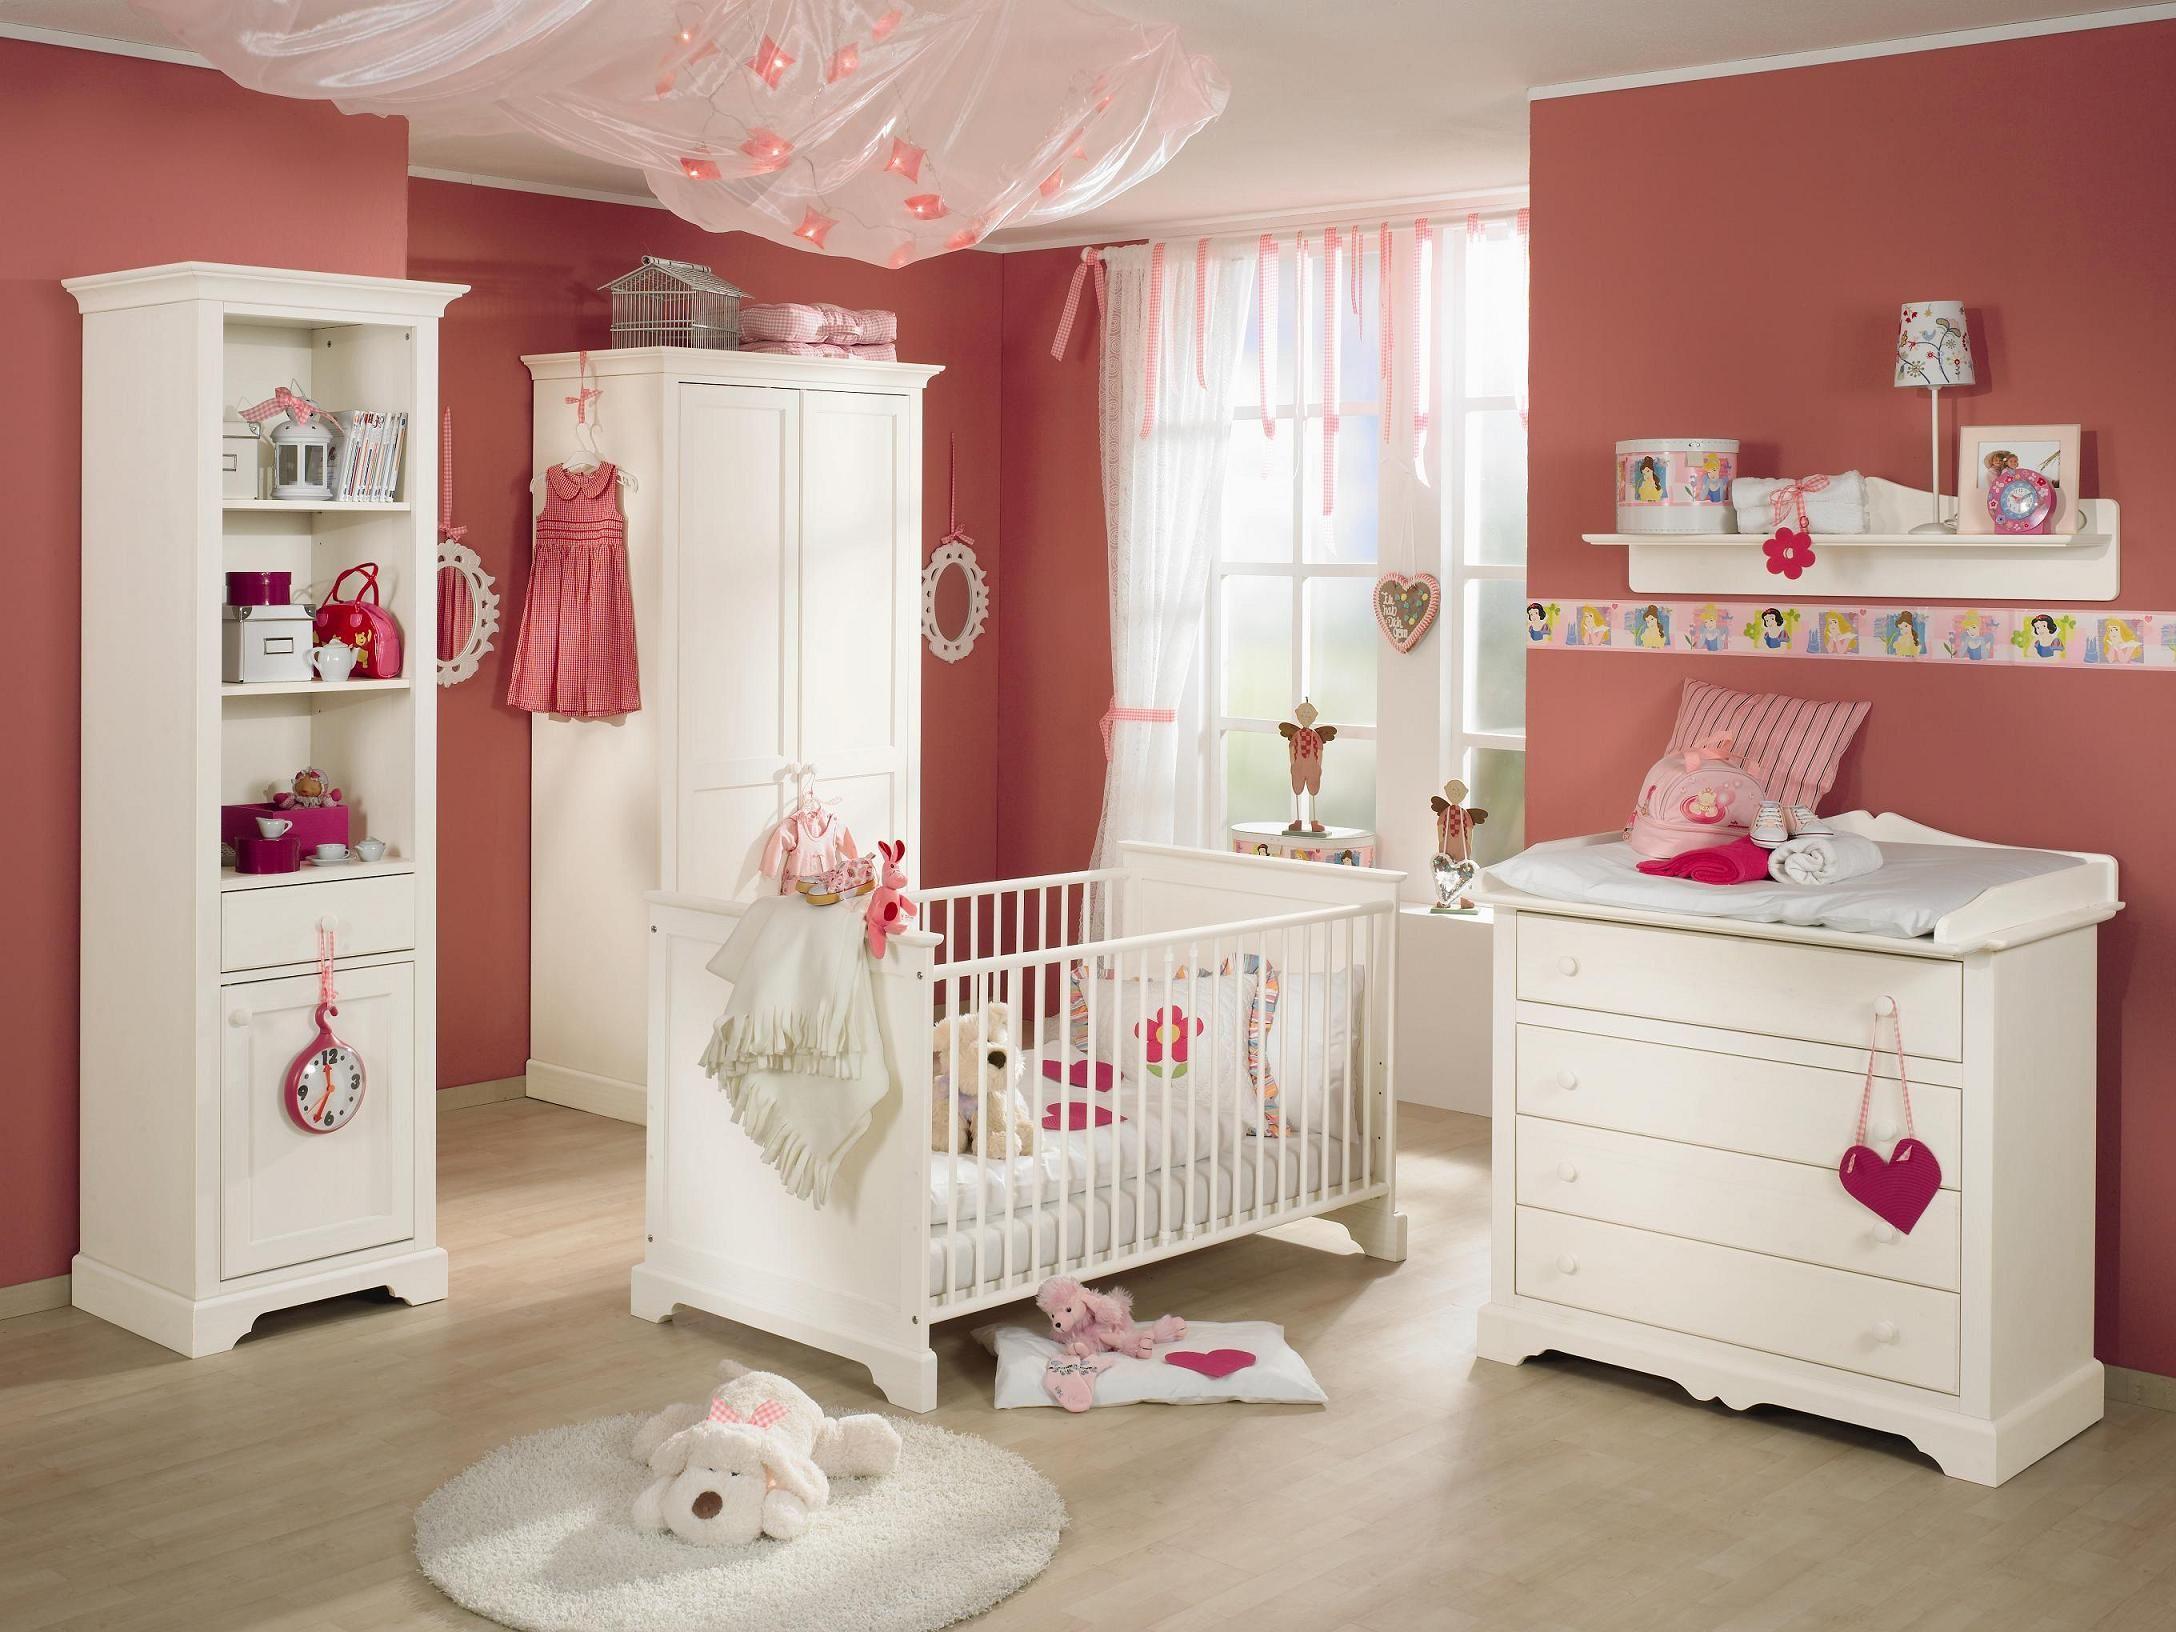 Fesselnd Kinderzimmer Sylvie Von Paidi Ist Ein Ein Reich Für Prinzessinnen. Das  Babyzimmer Sylvie Hat Fronten